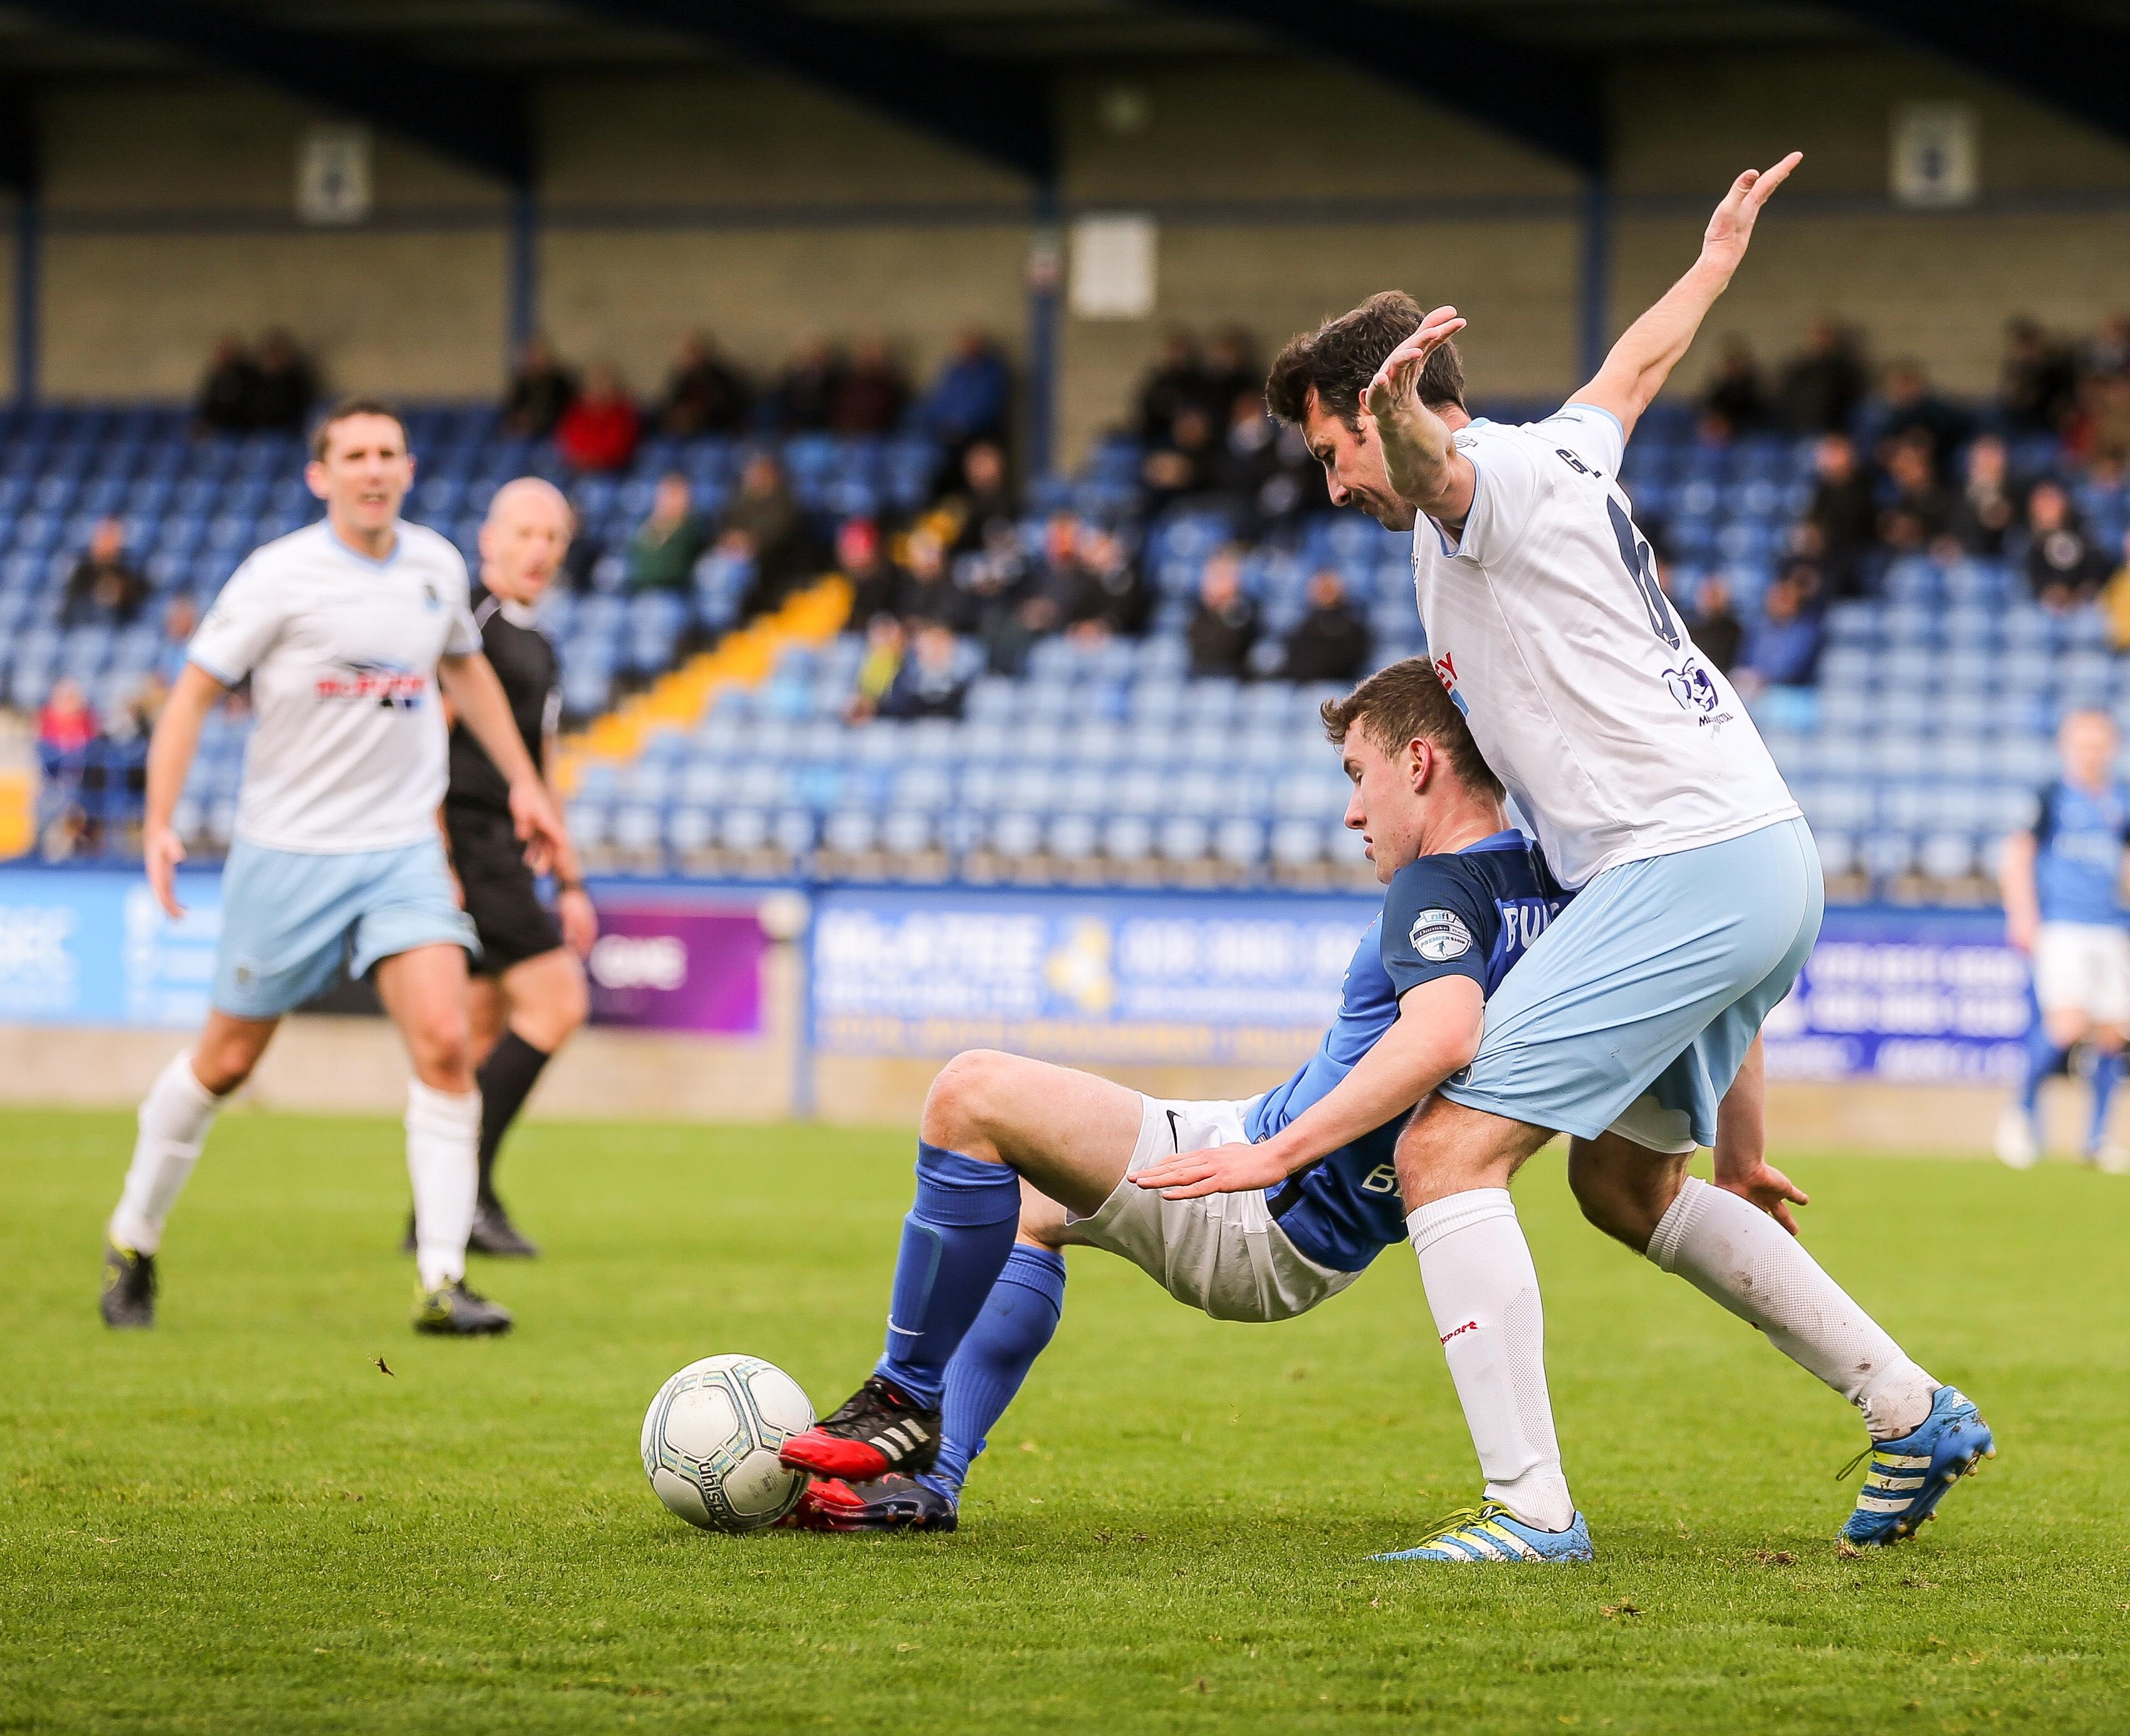 Result: Glenavon 4-0 Ballymena